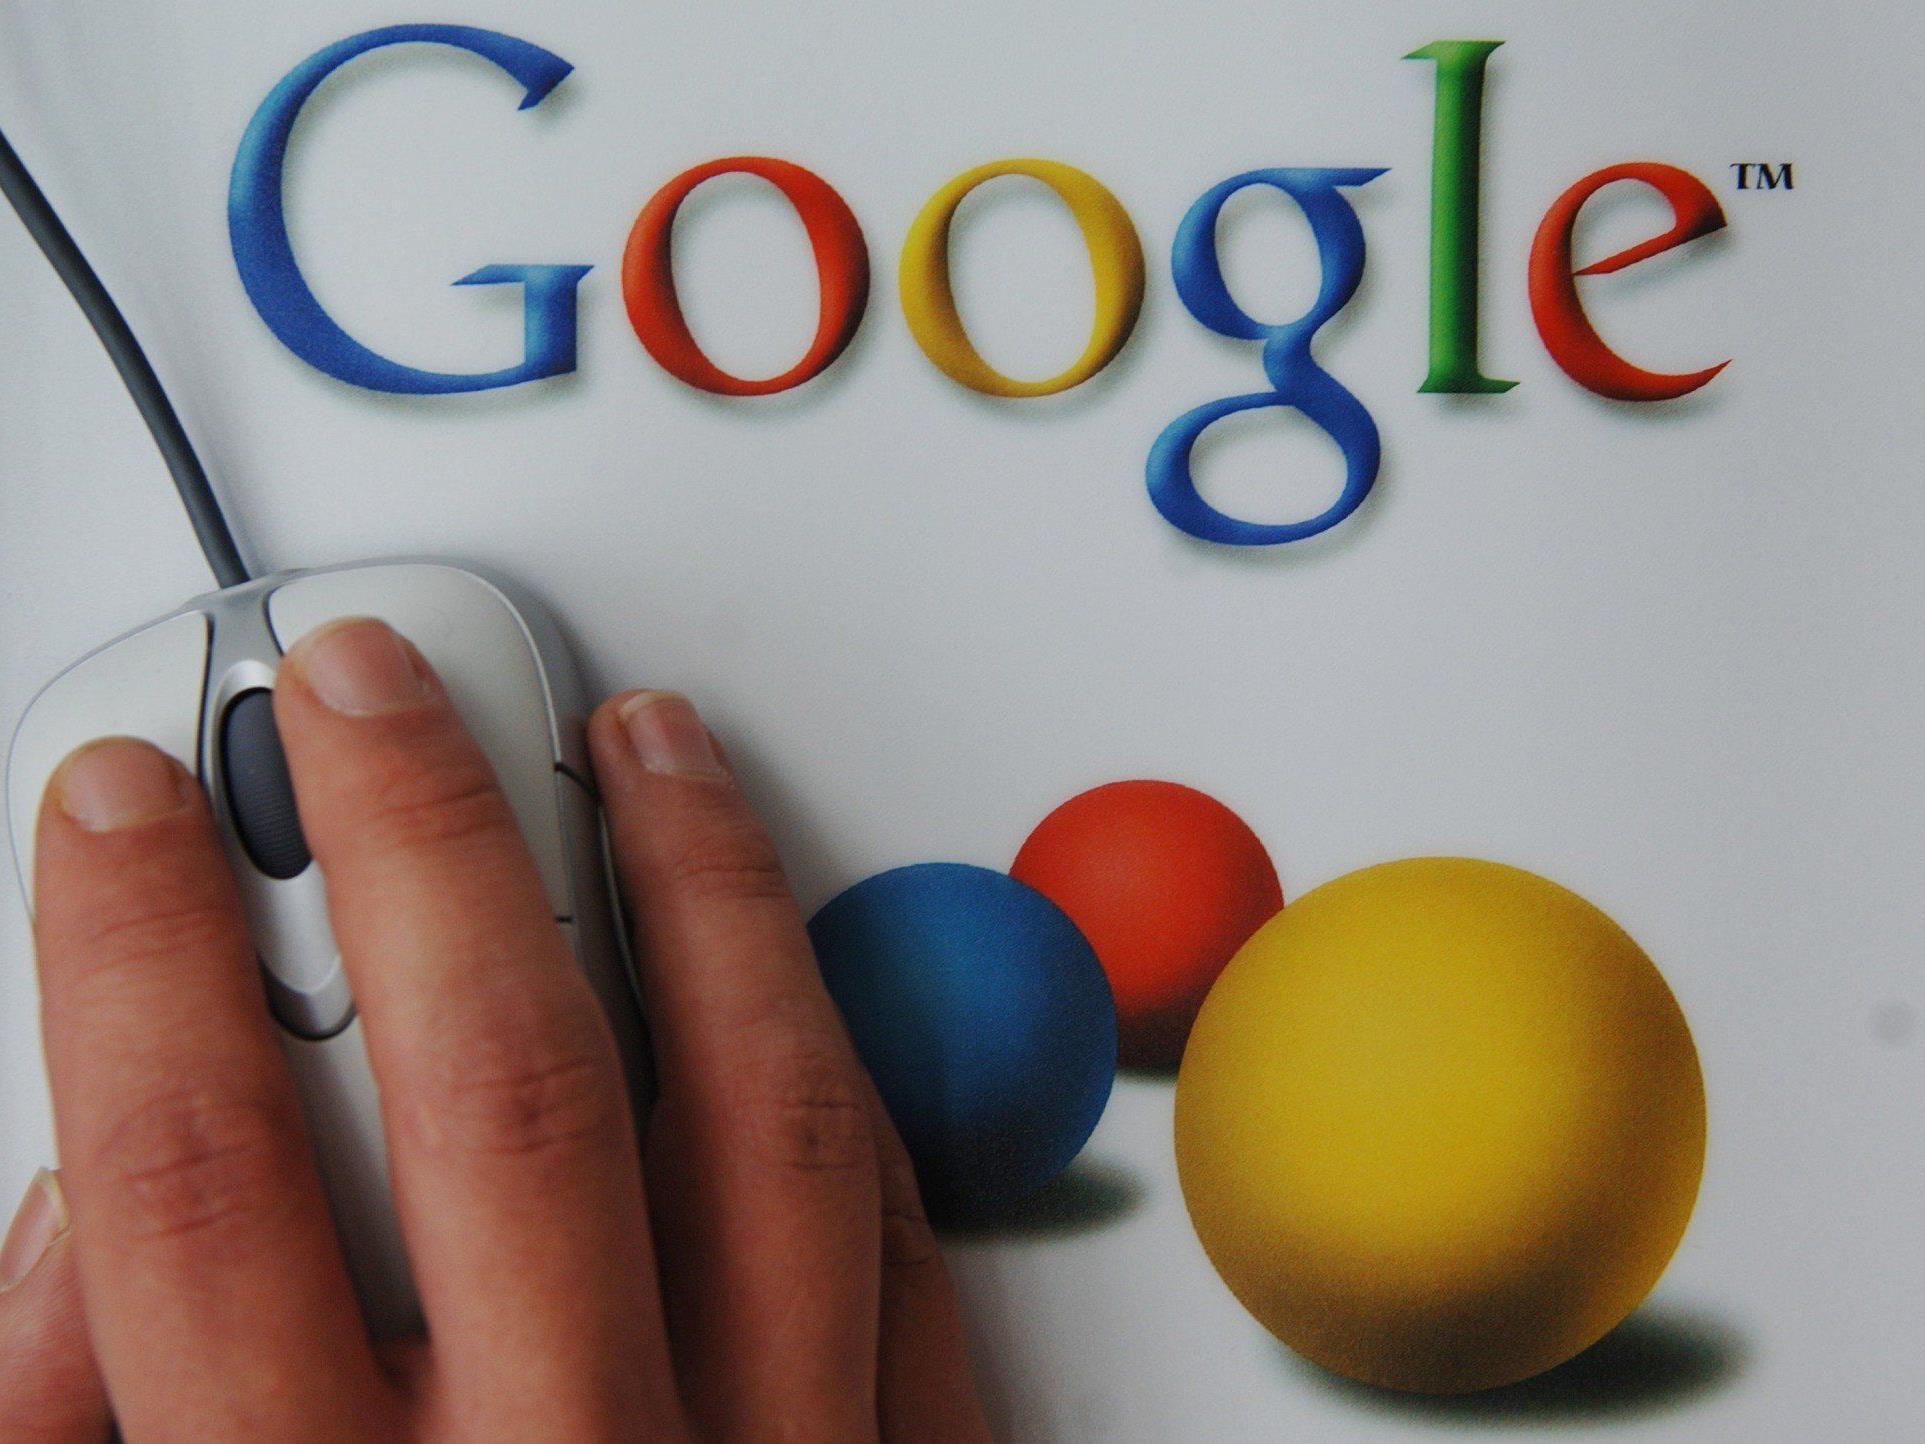 Google hat die Entwicklerfirma von Bump und Flock, zwei Apps zum Daten- und Fotoaustausch, gekauft.